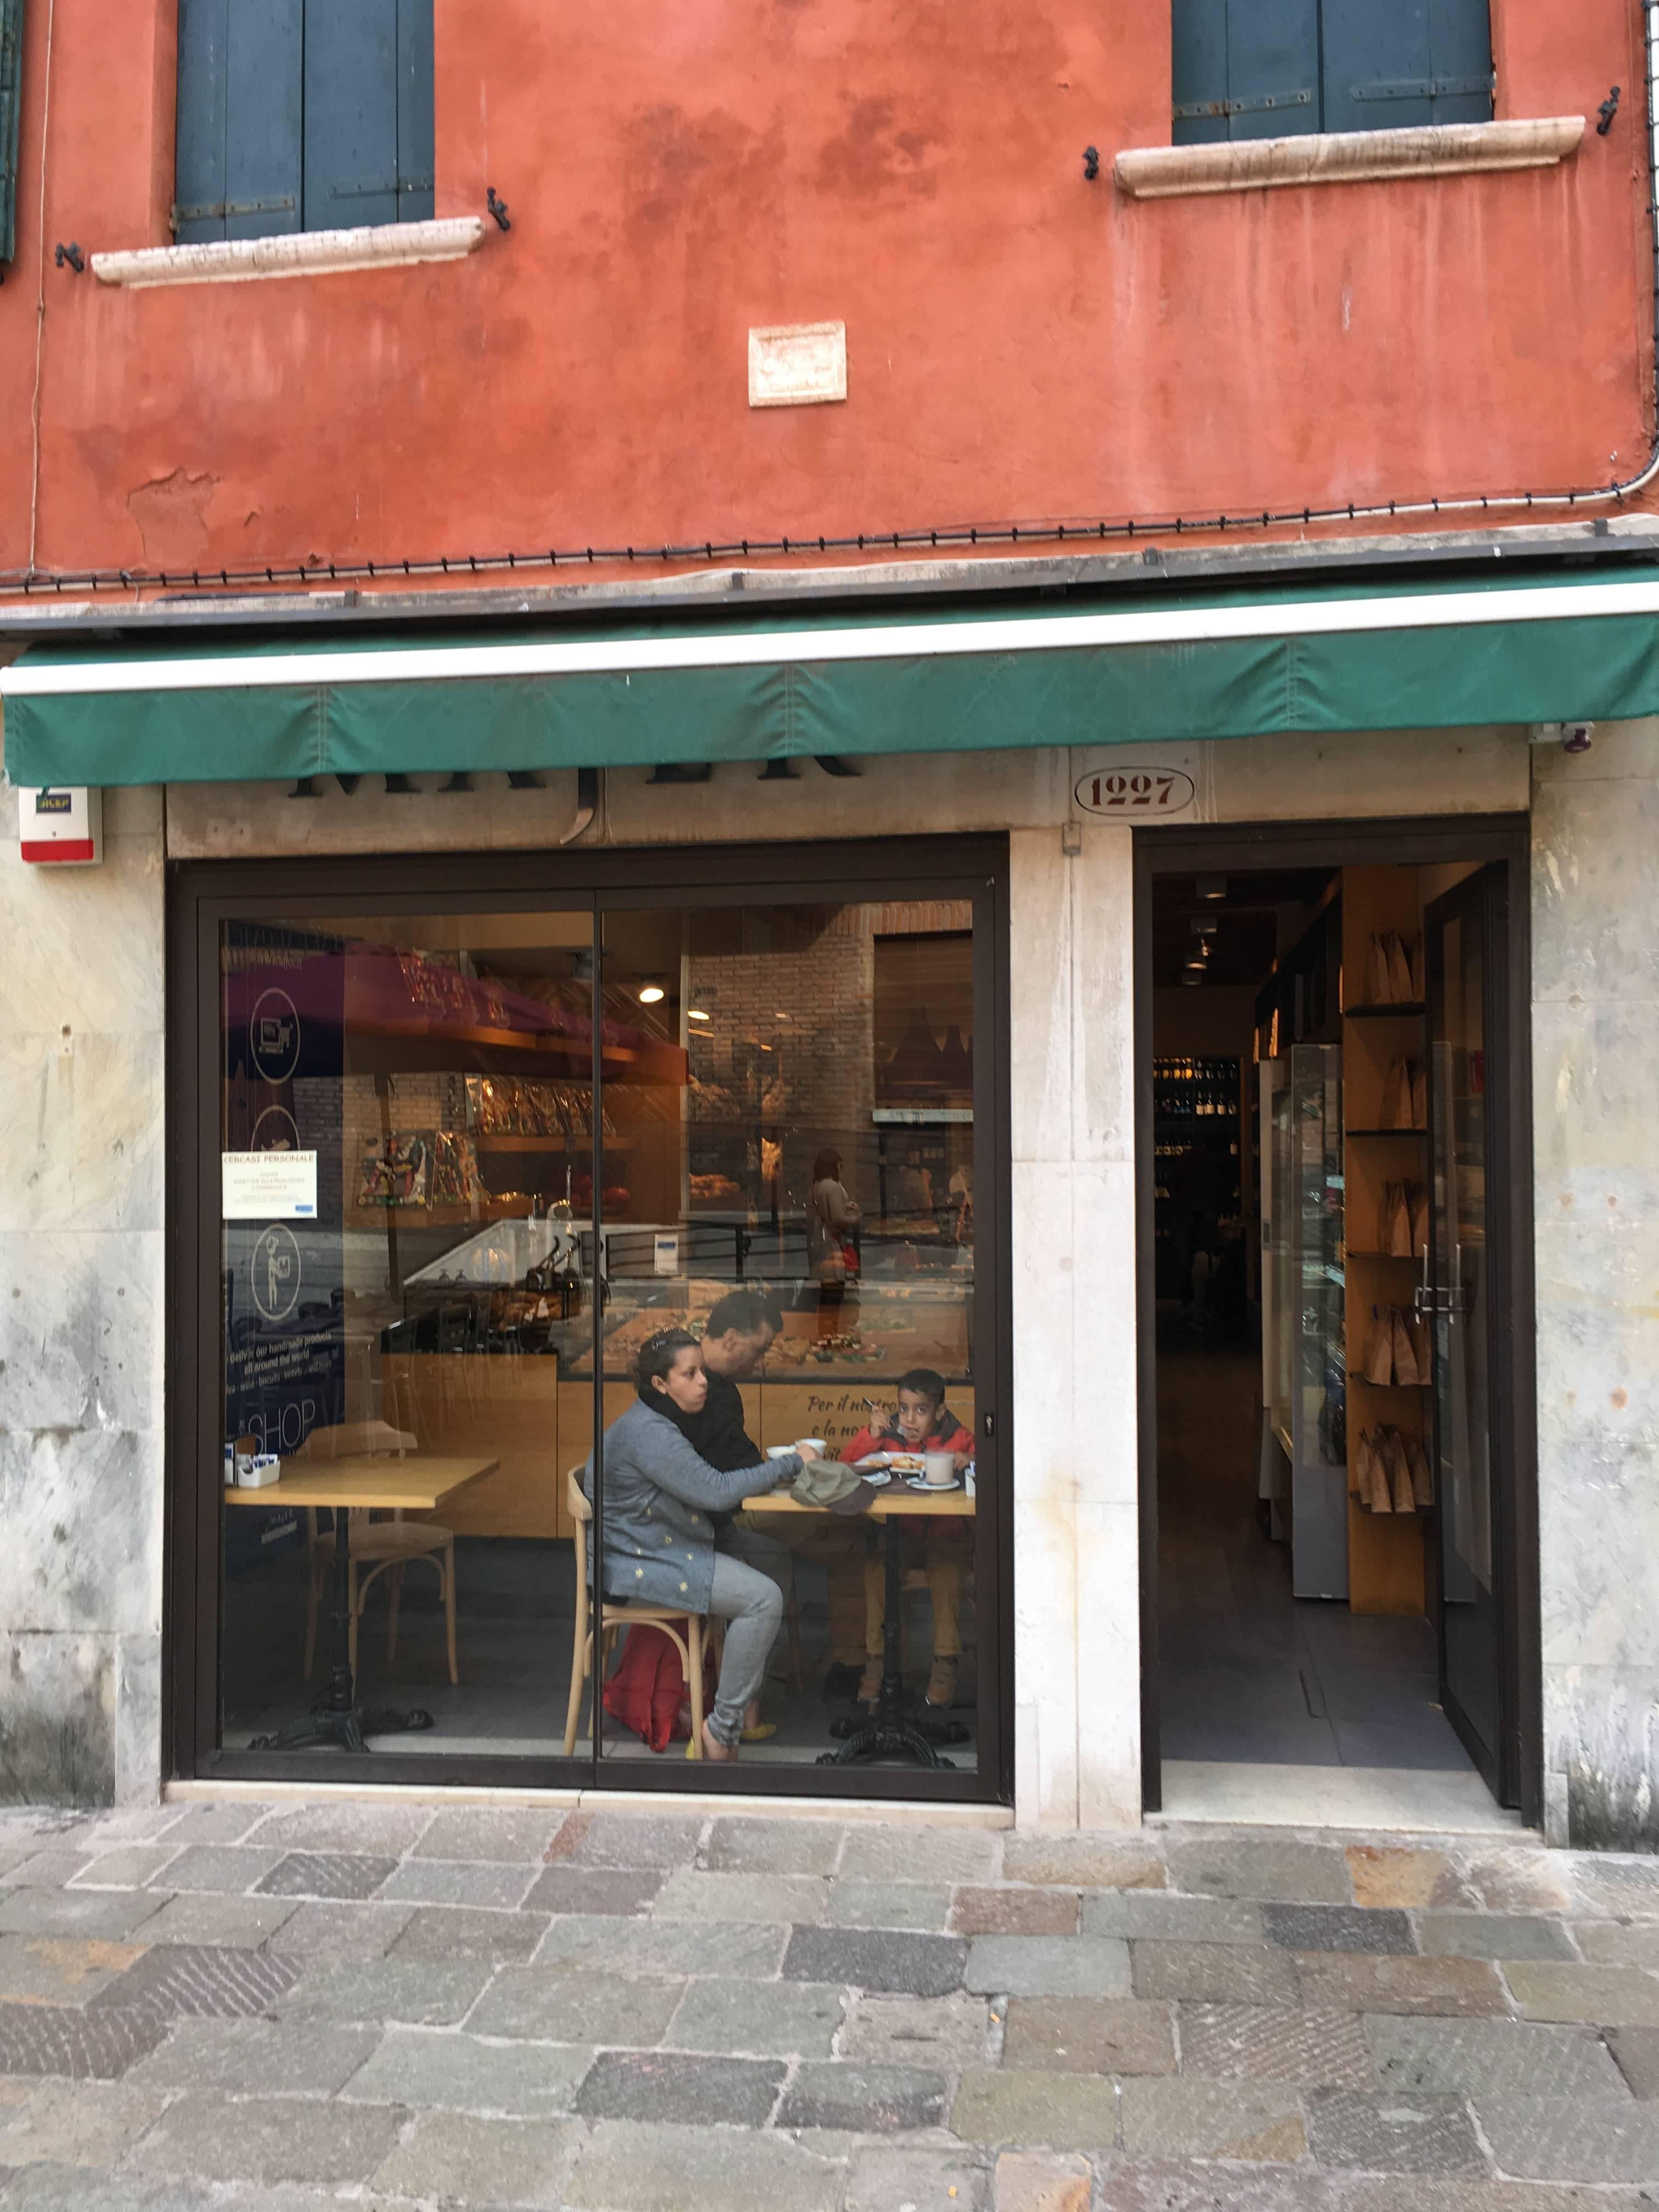 Photo 2: Boulangerie Majer - Pour manger une pizza, un gâteau ou boire un cappuccino en plein quartier du Ghetto